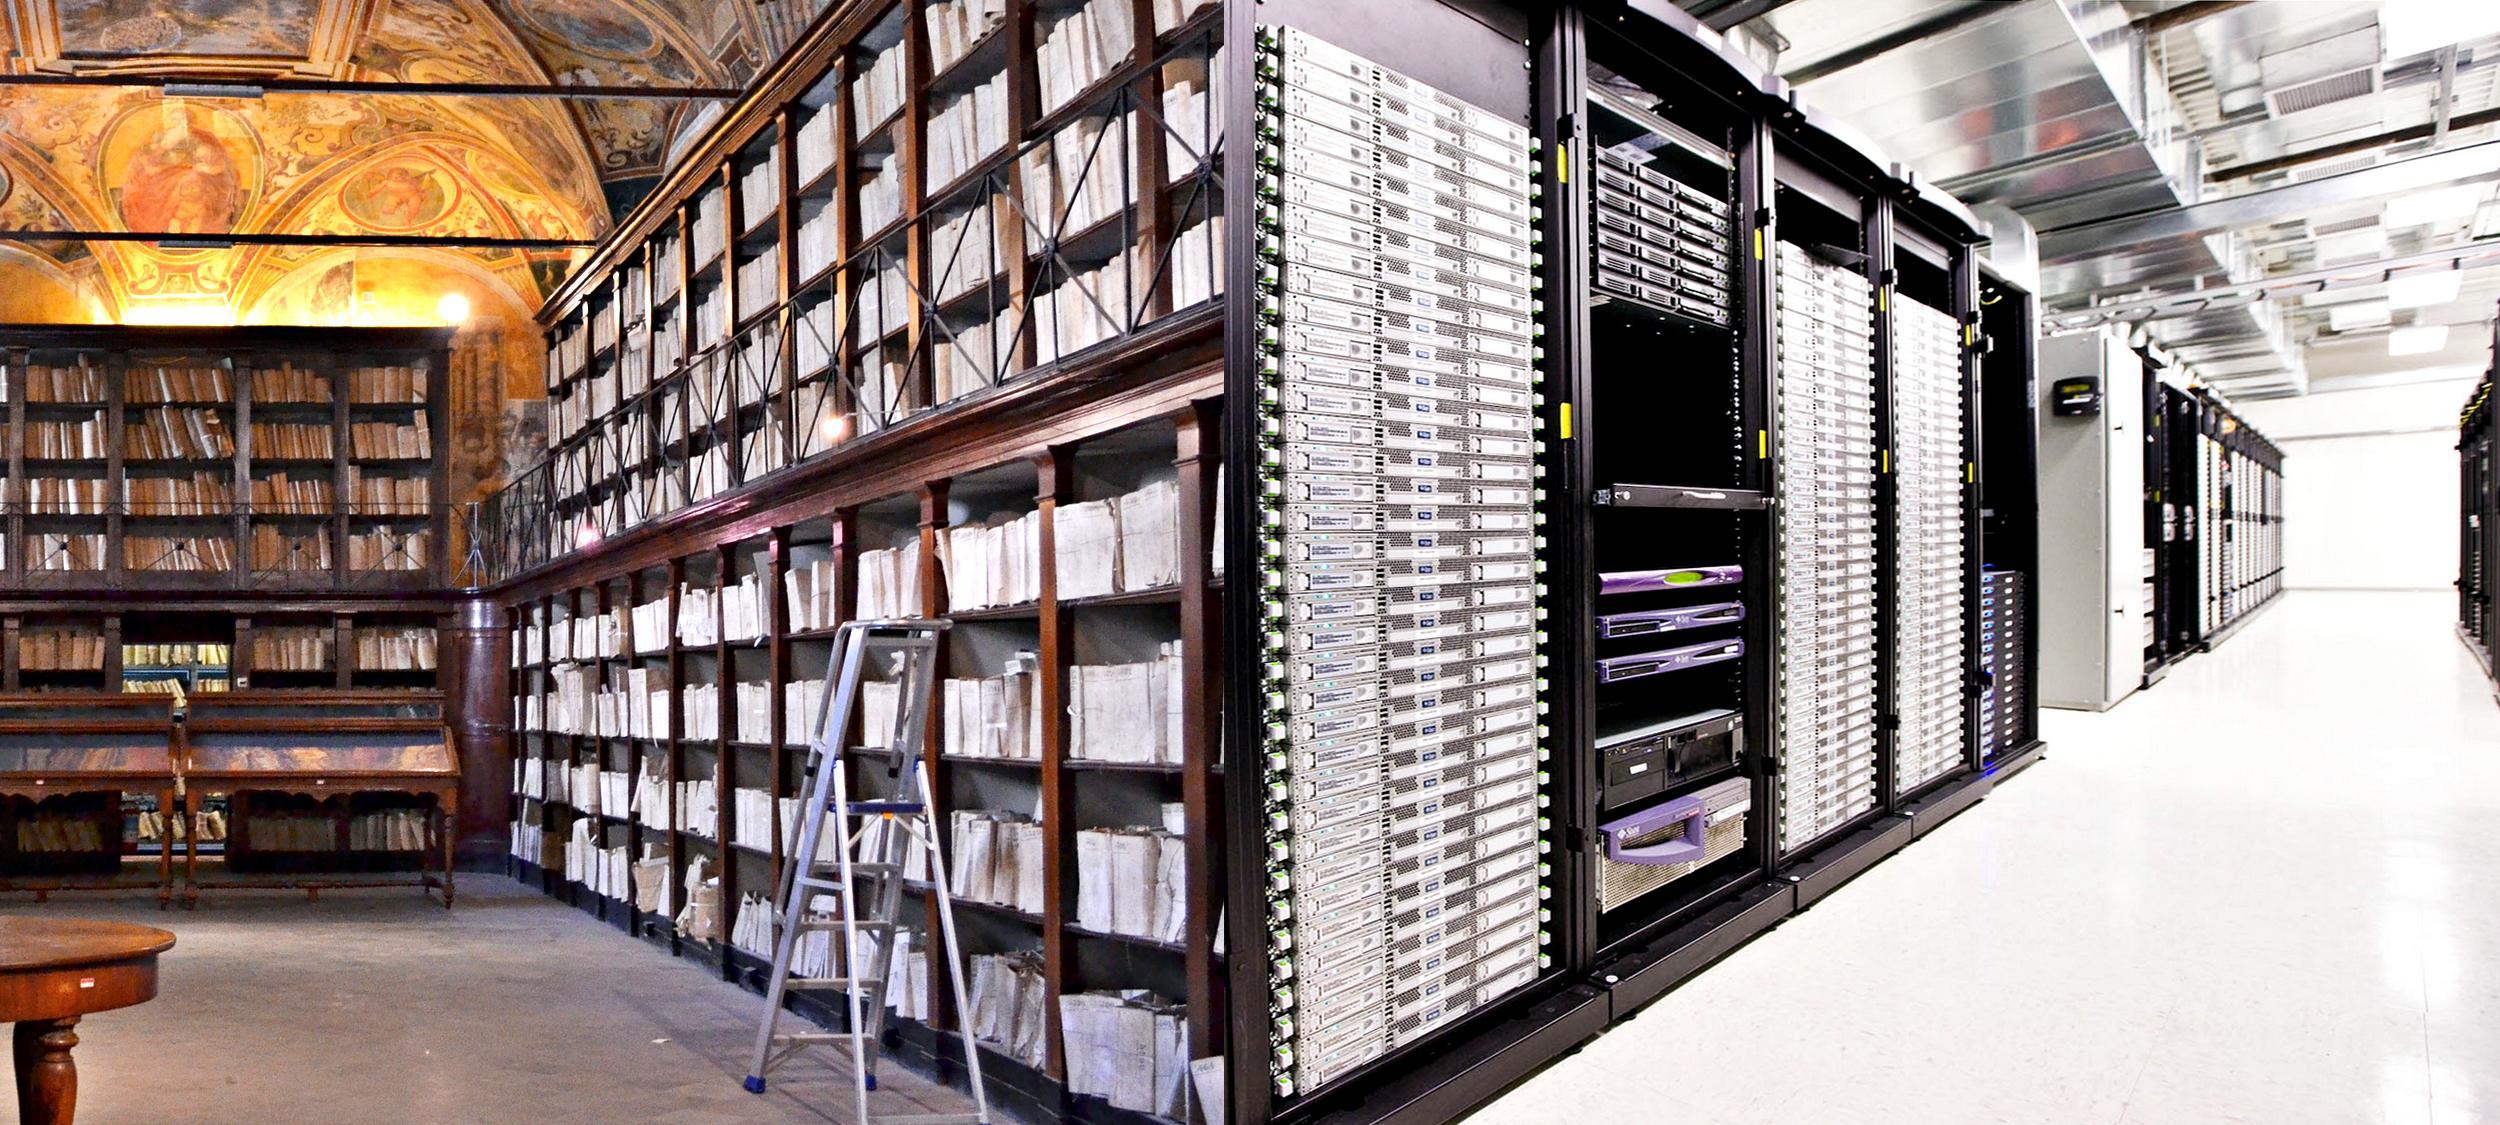 Interno di una biblioteca del XVII secolo e moderni server dove sono archiviati i dati.